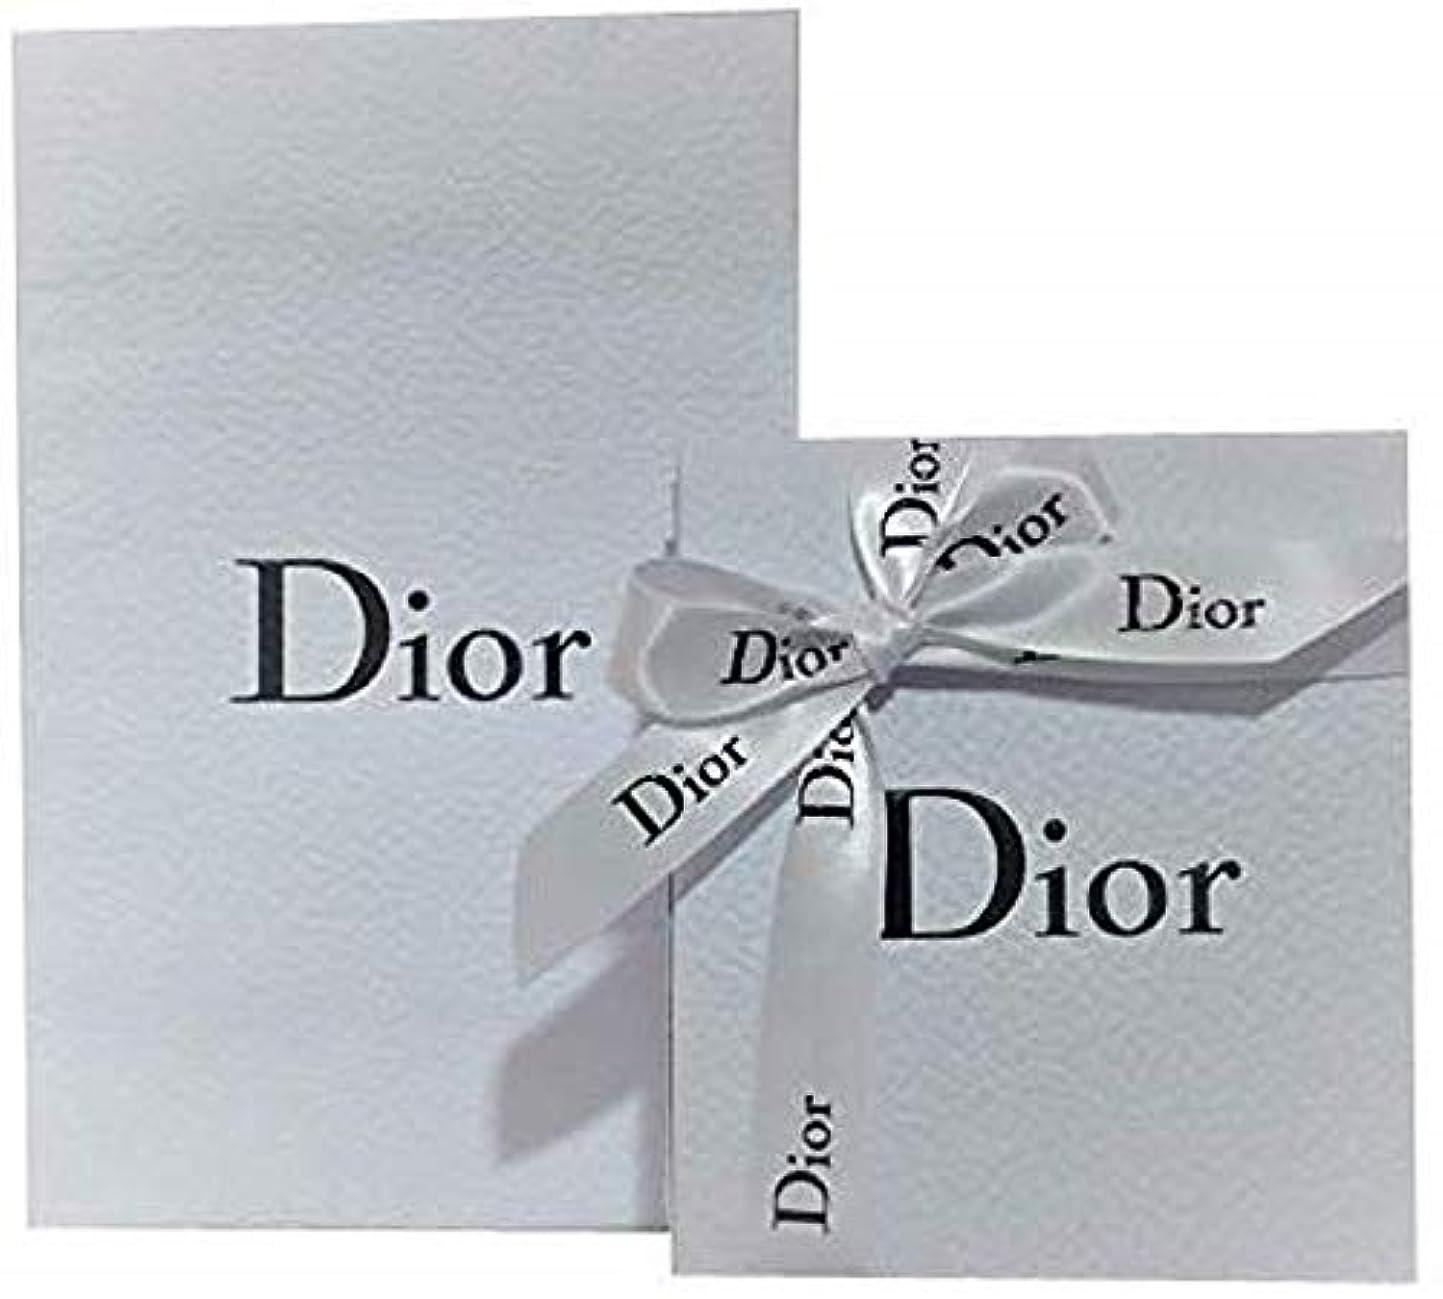 ブルジョン規制する深く♥ Dior ディオール ギフト プレゼント リボンラッピング済 ショッパー付き★ 【国内正規品】Dior ディオール ミス ディオール オードゥ トワレ EDT ローラー パール 20ml